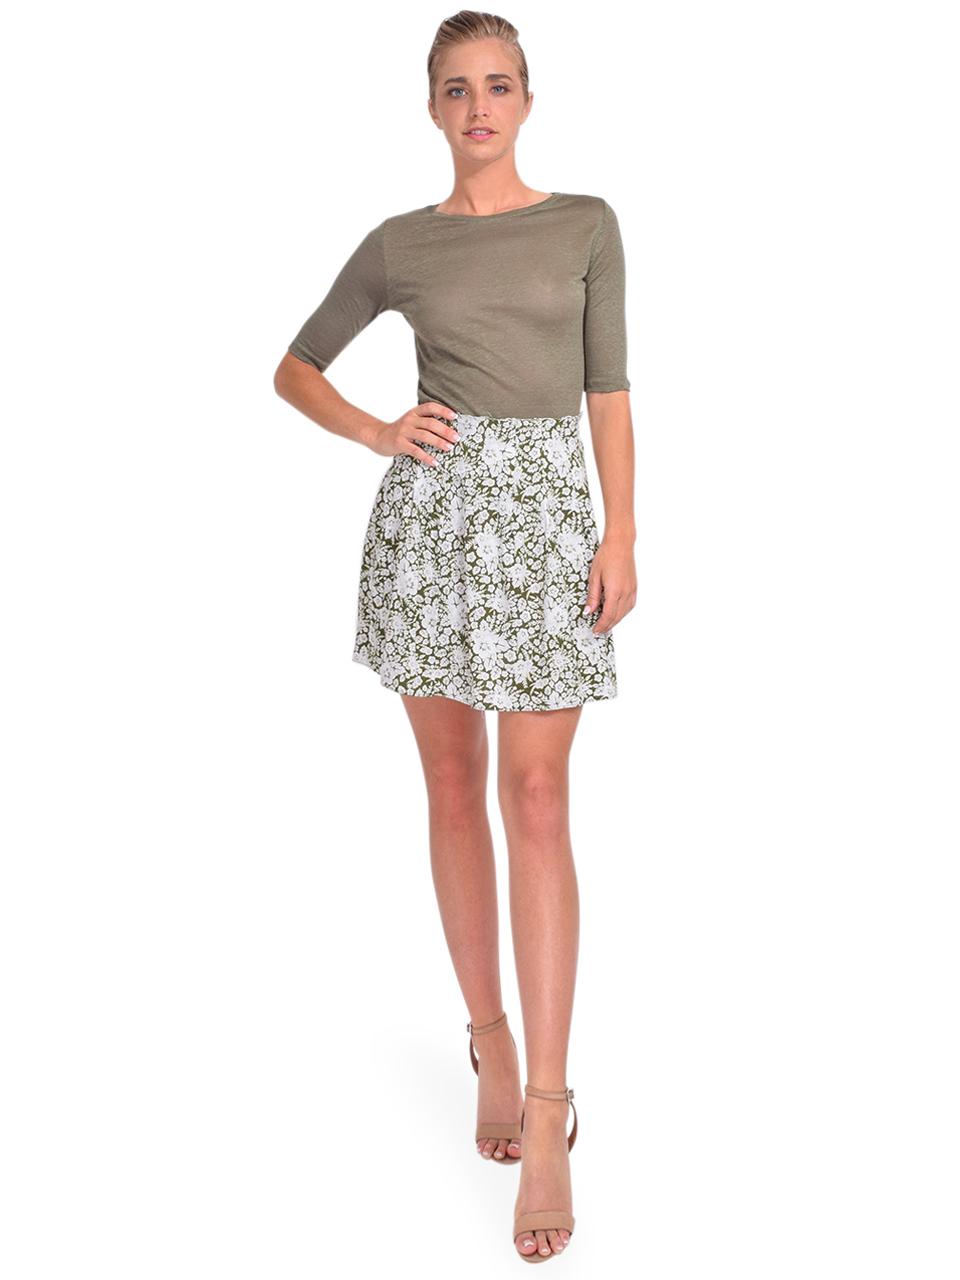 Bellerose Lexie Skirt Full Outfit